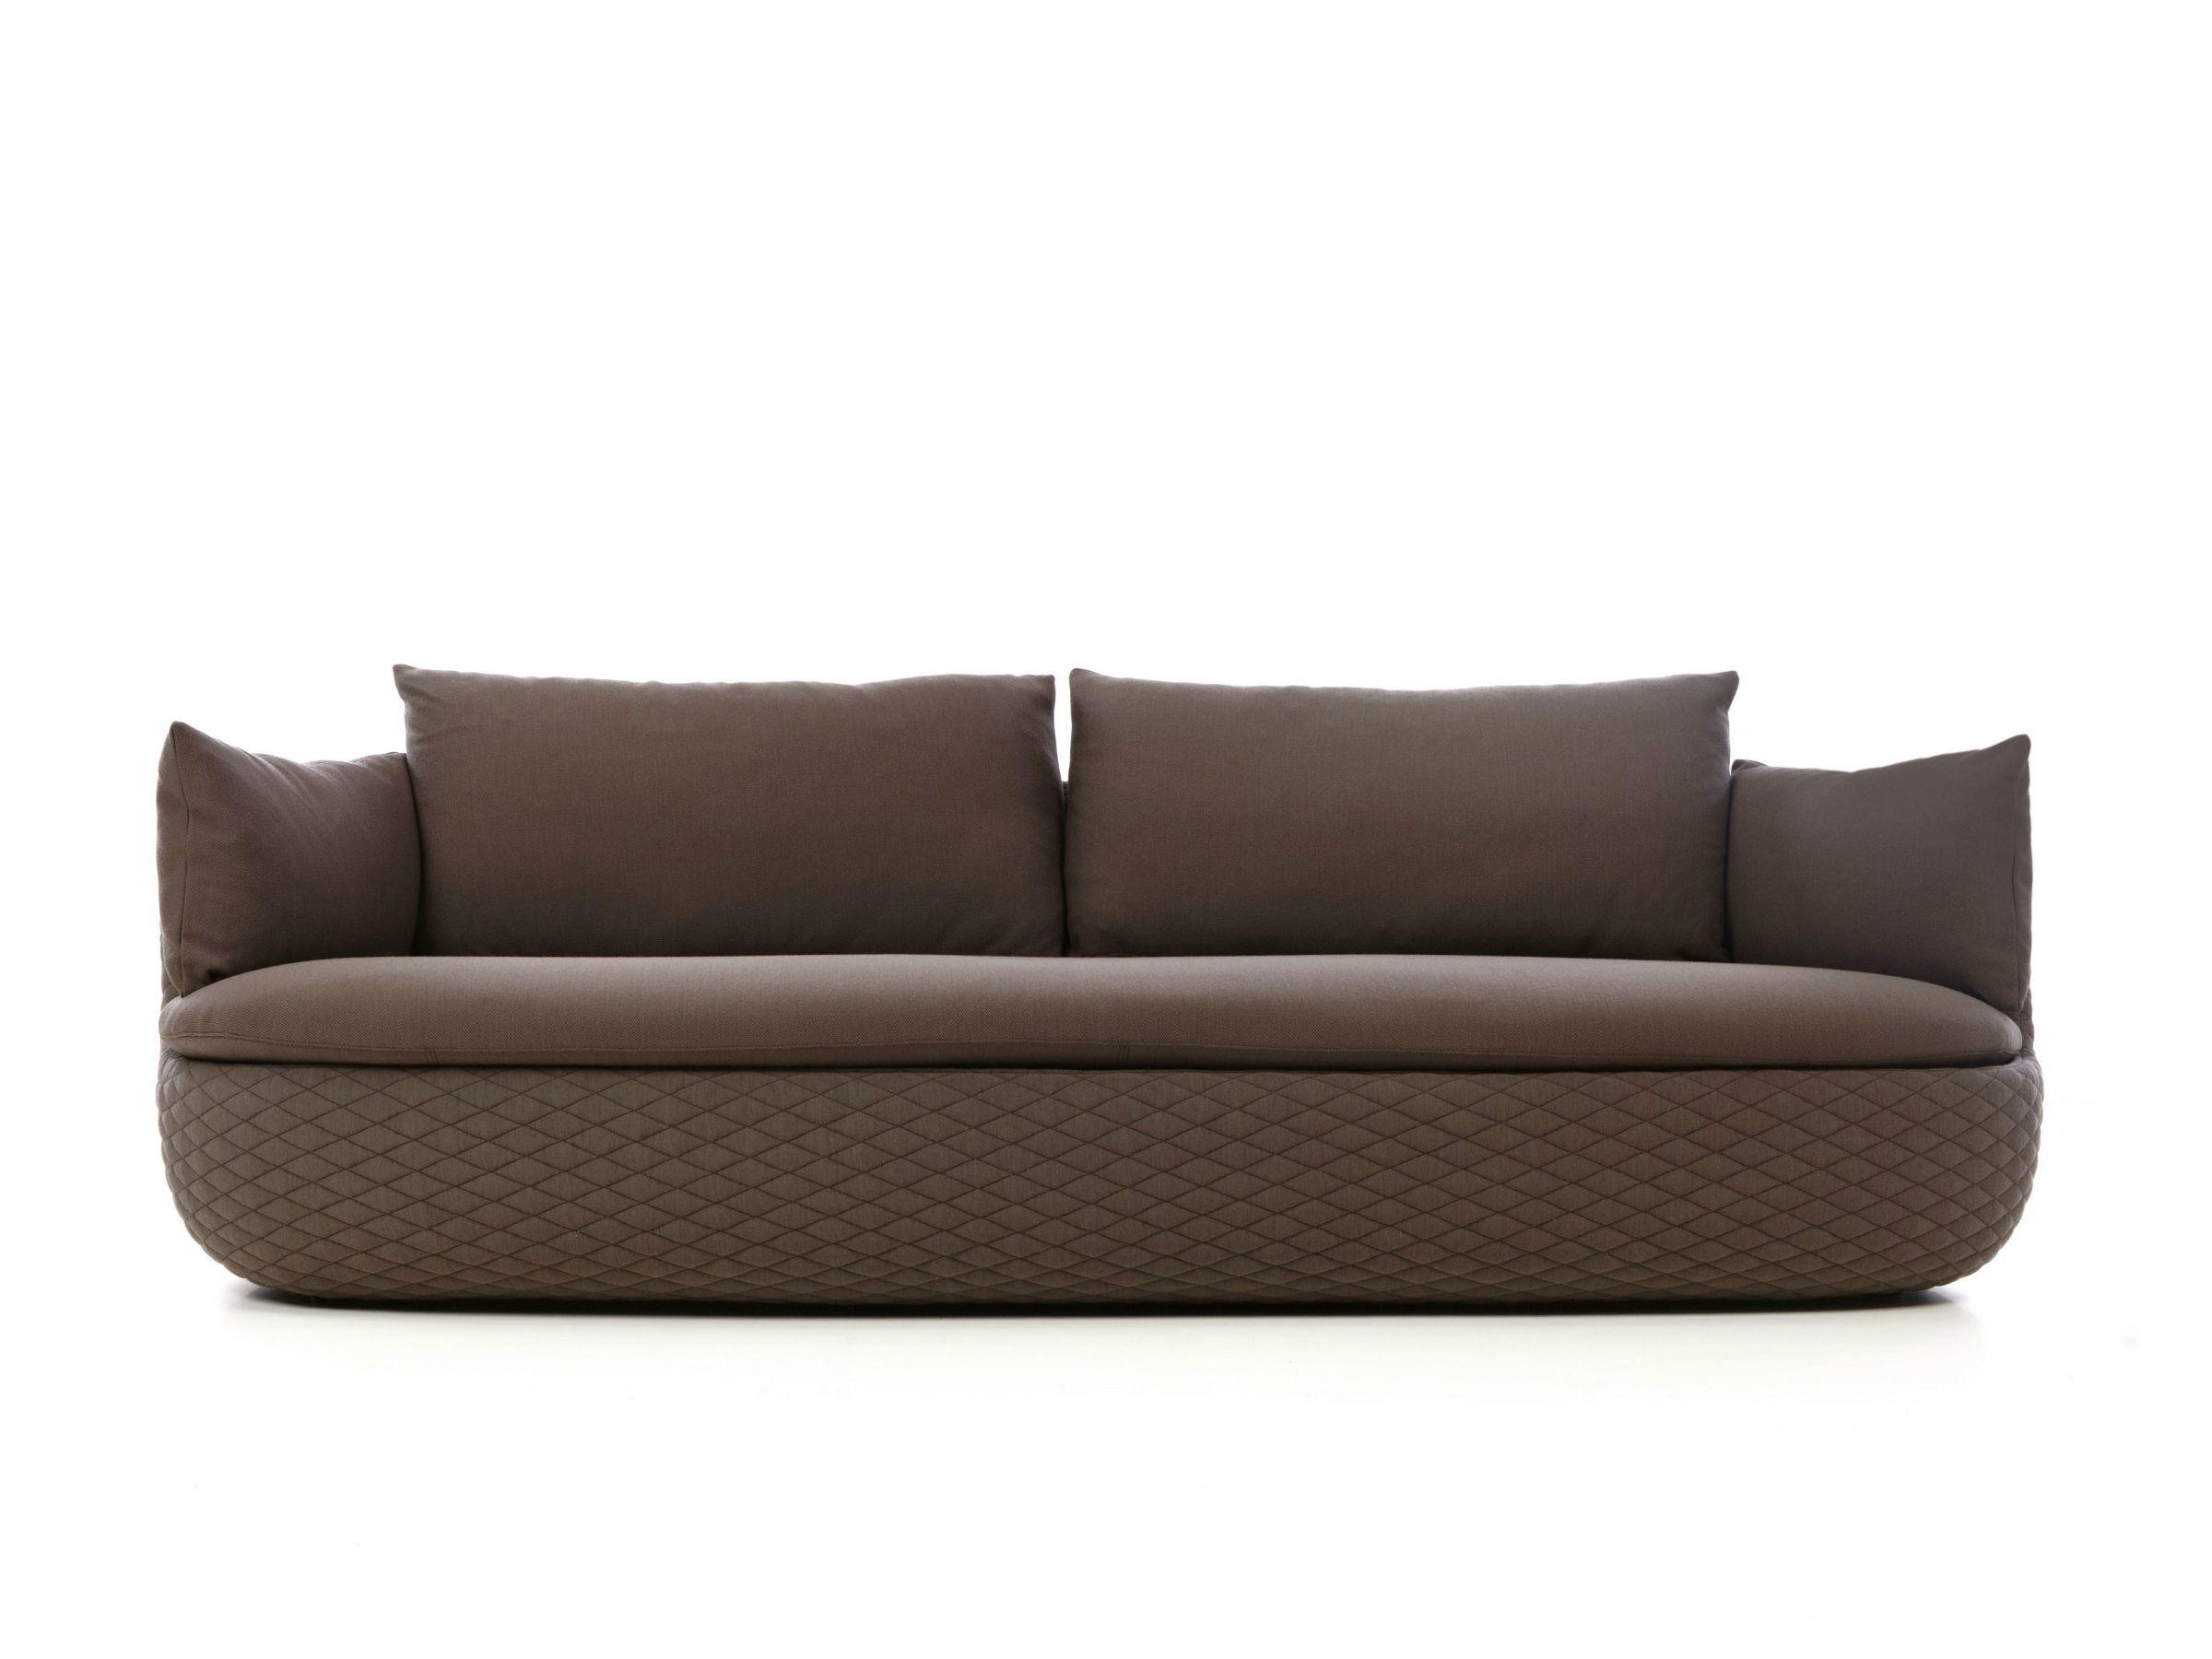 Divano sfoderabile in dacron bart sofa by moooi design for Divano sfoderabile